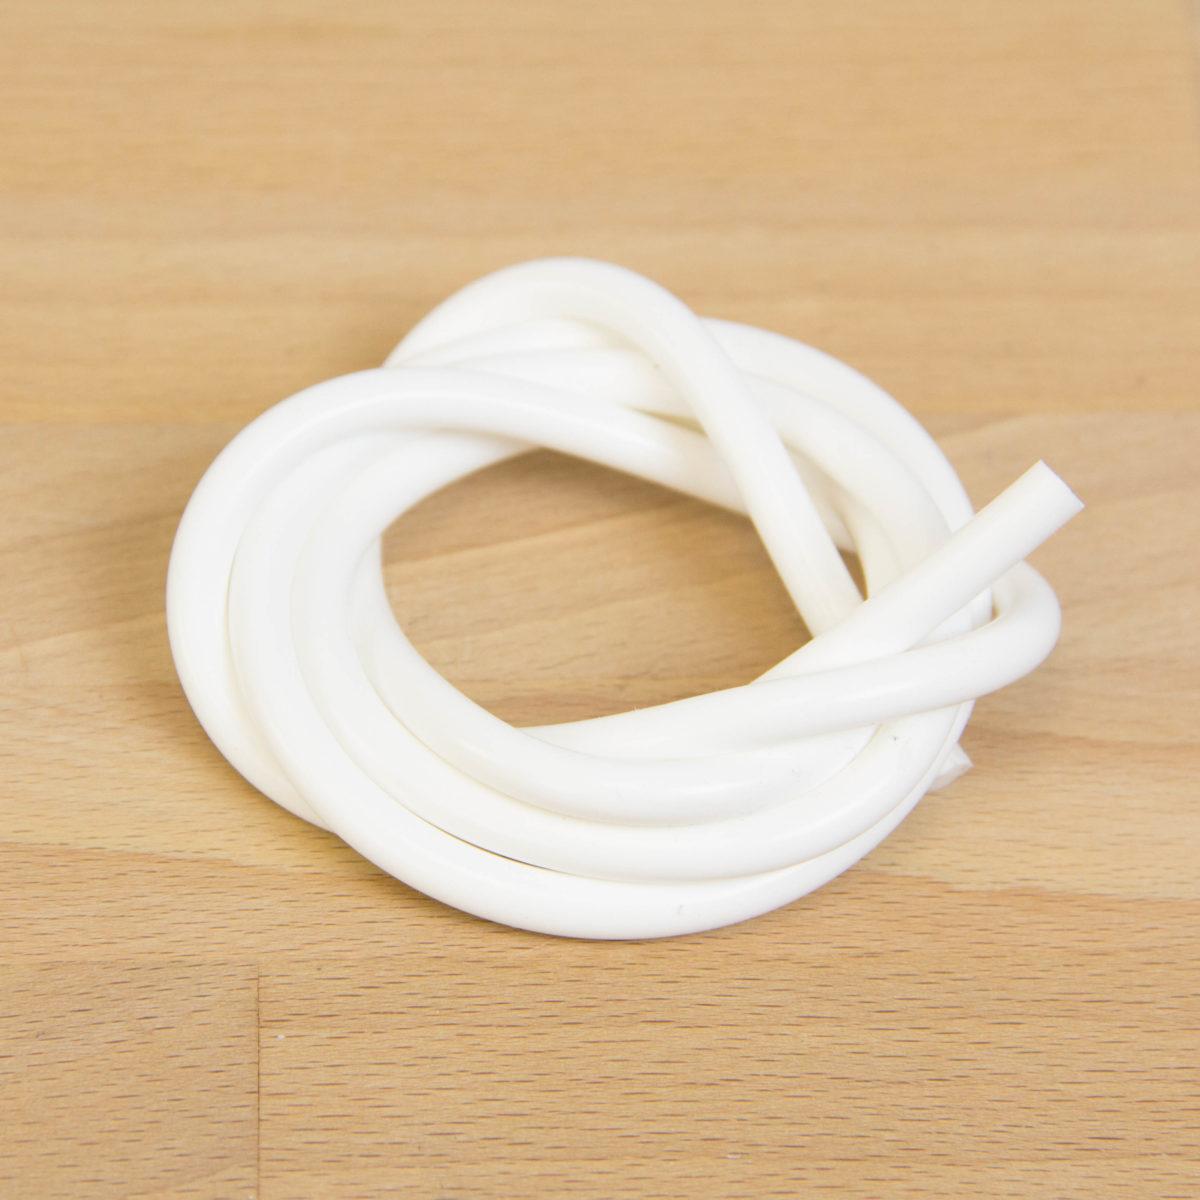 Silicone Cord White